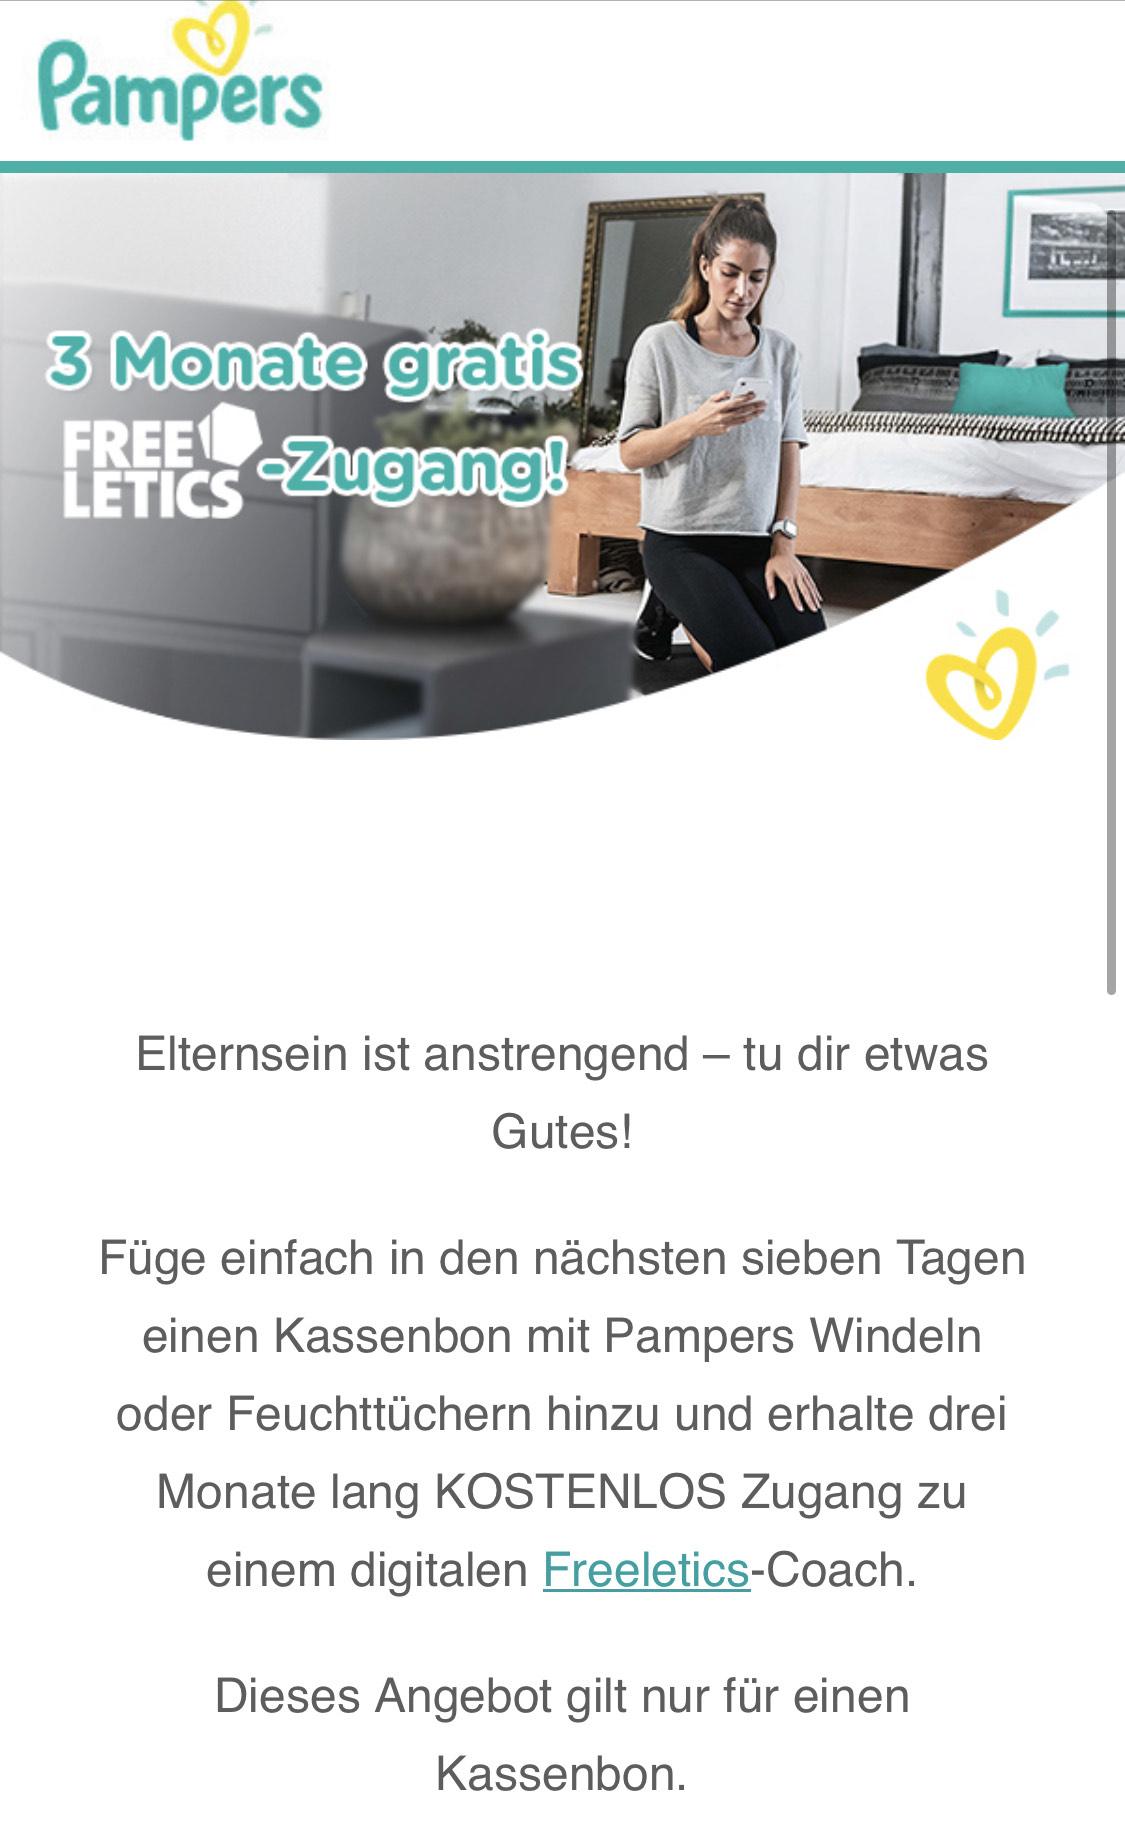 3 Monate kostenlos Freeletics Online Coach beim Kauf eines Pampersproduktes